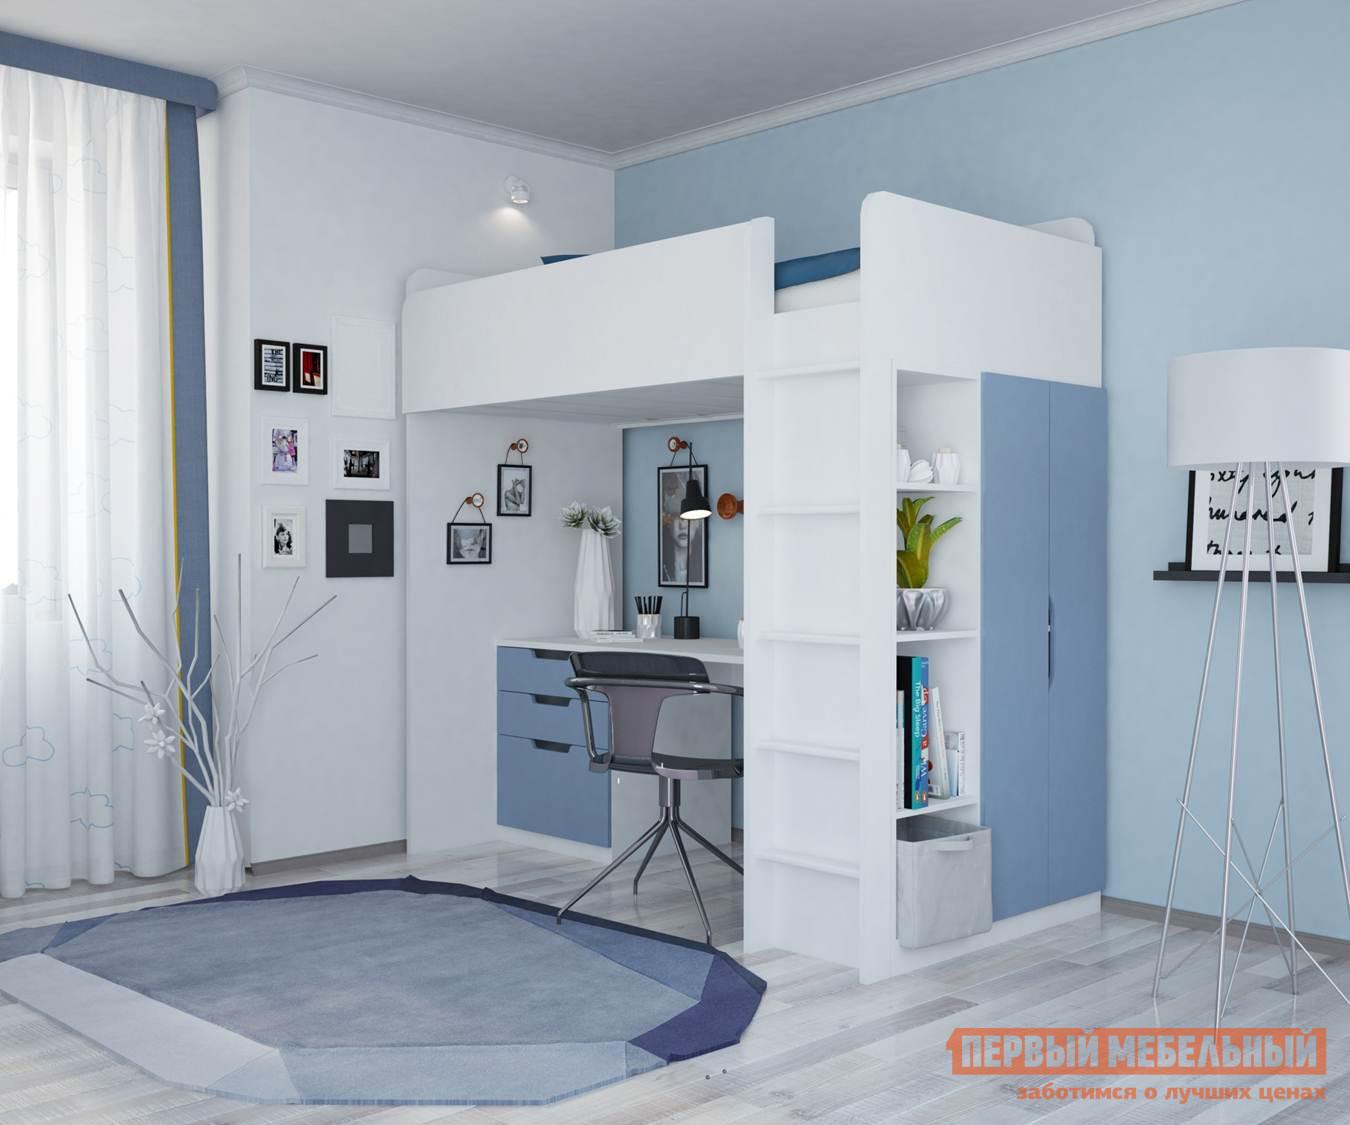 Кровать-чердак  Кровать-чердак Polini kids Simple с письменным столом и шкафом Белый / Синий — Кровать-чердак Polini kids Simple с письменным столом и шкафом Белый / Синий